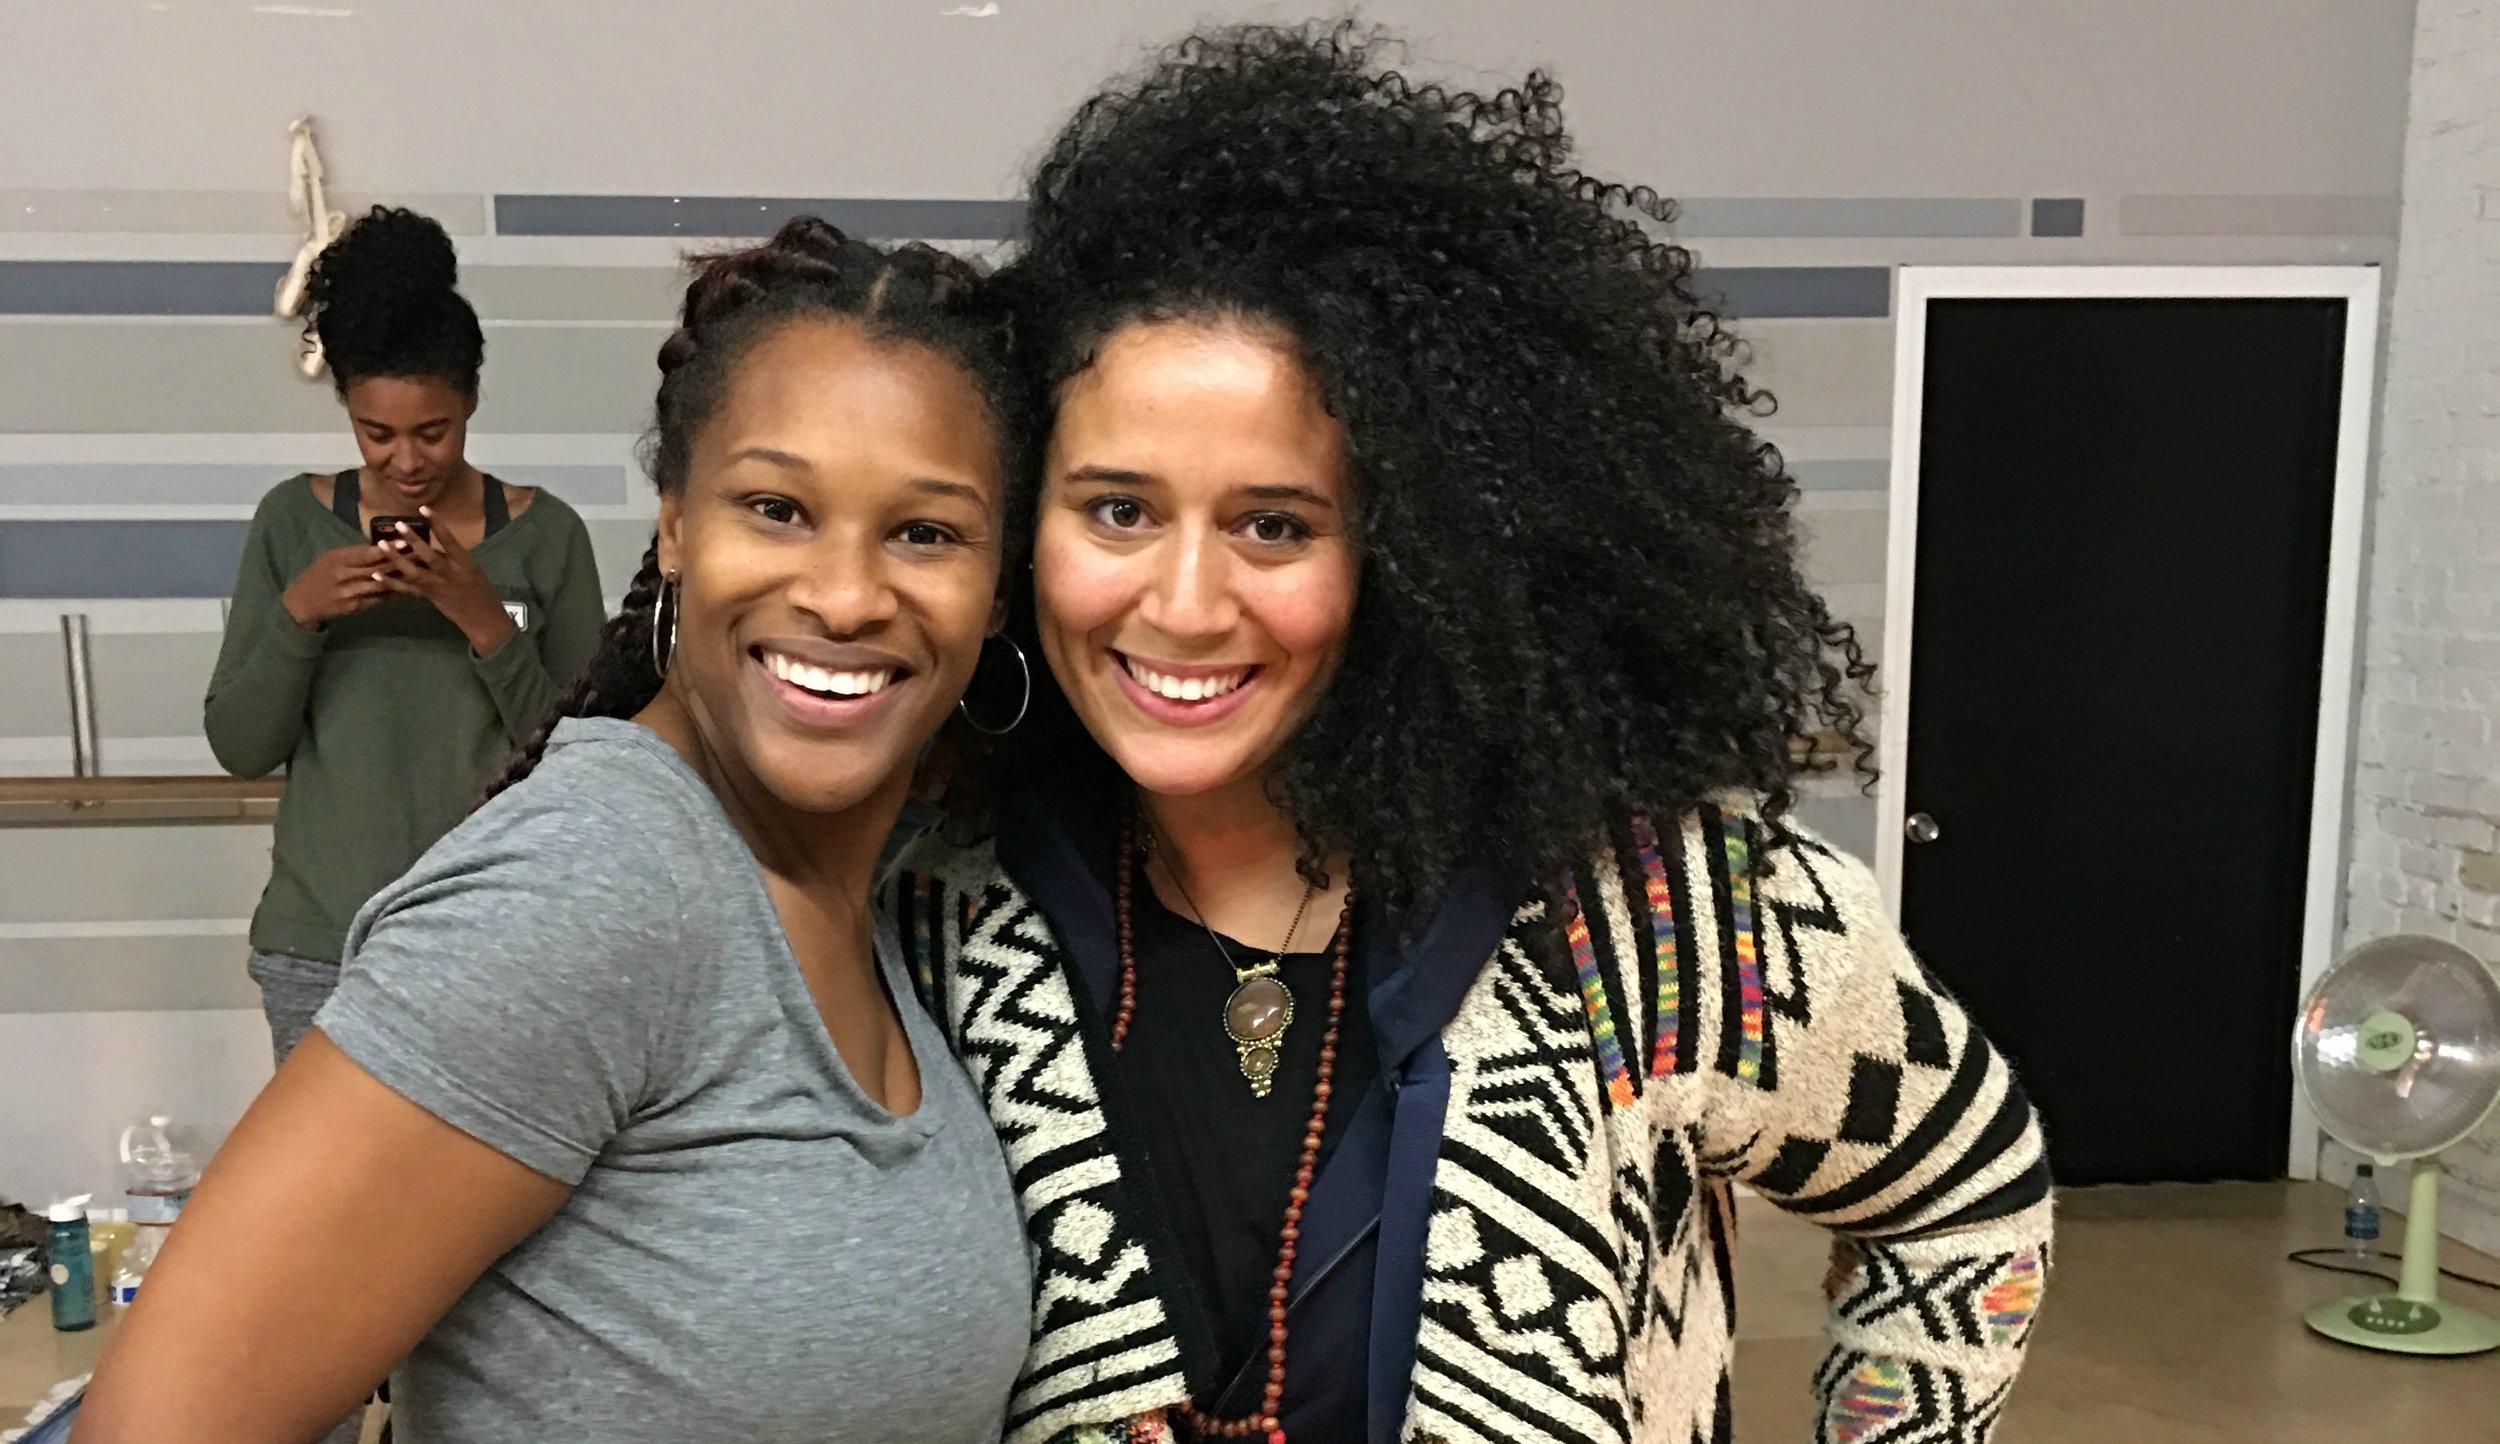 Sissy and Yeradmi